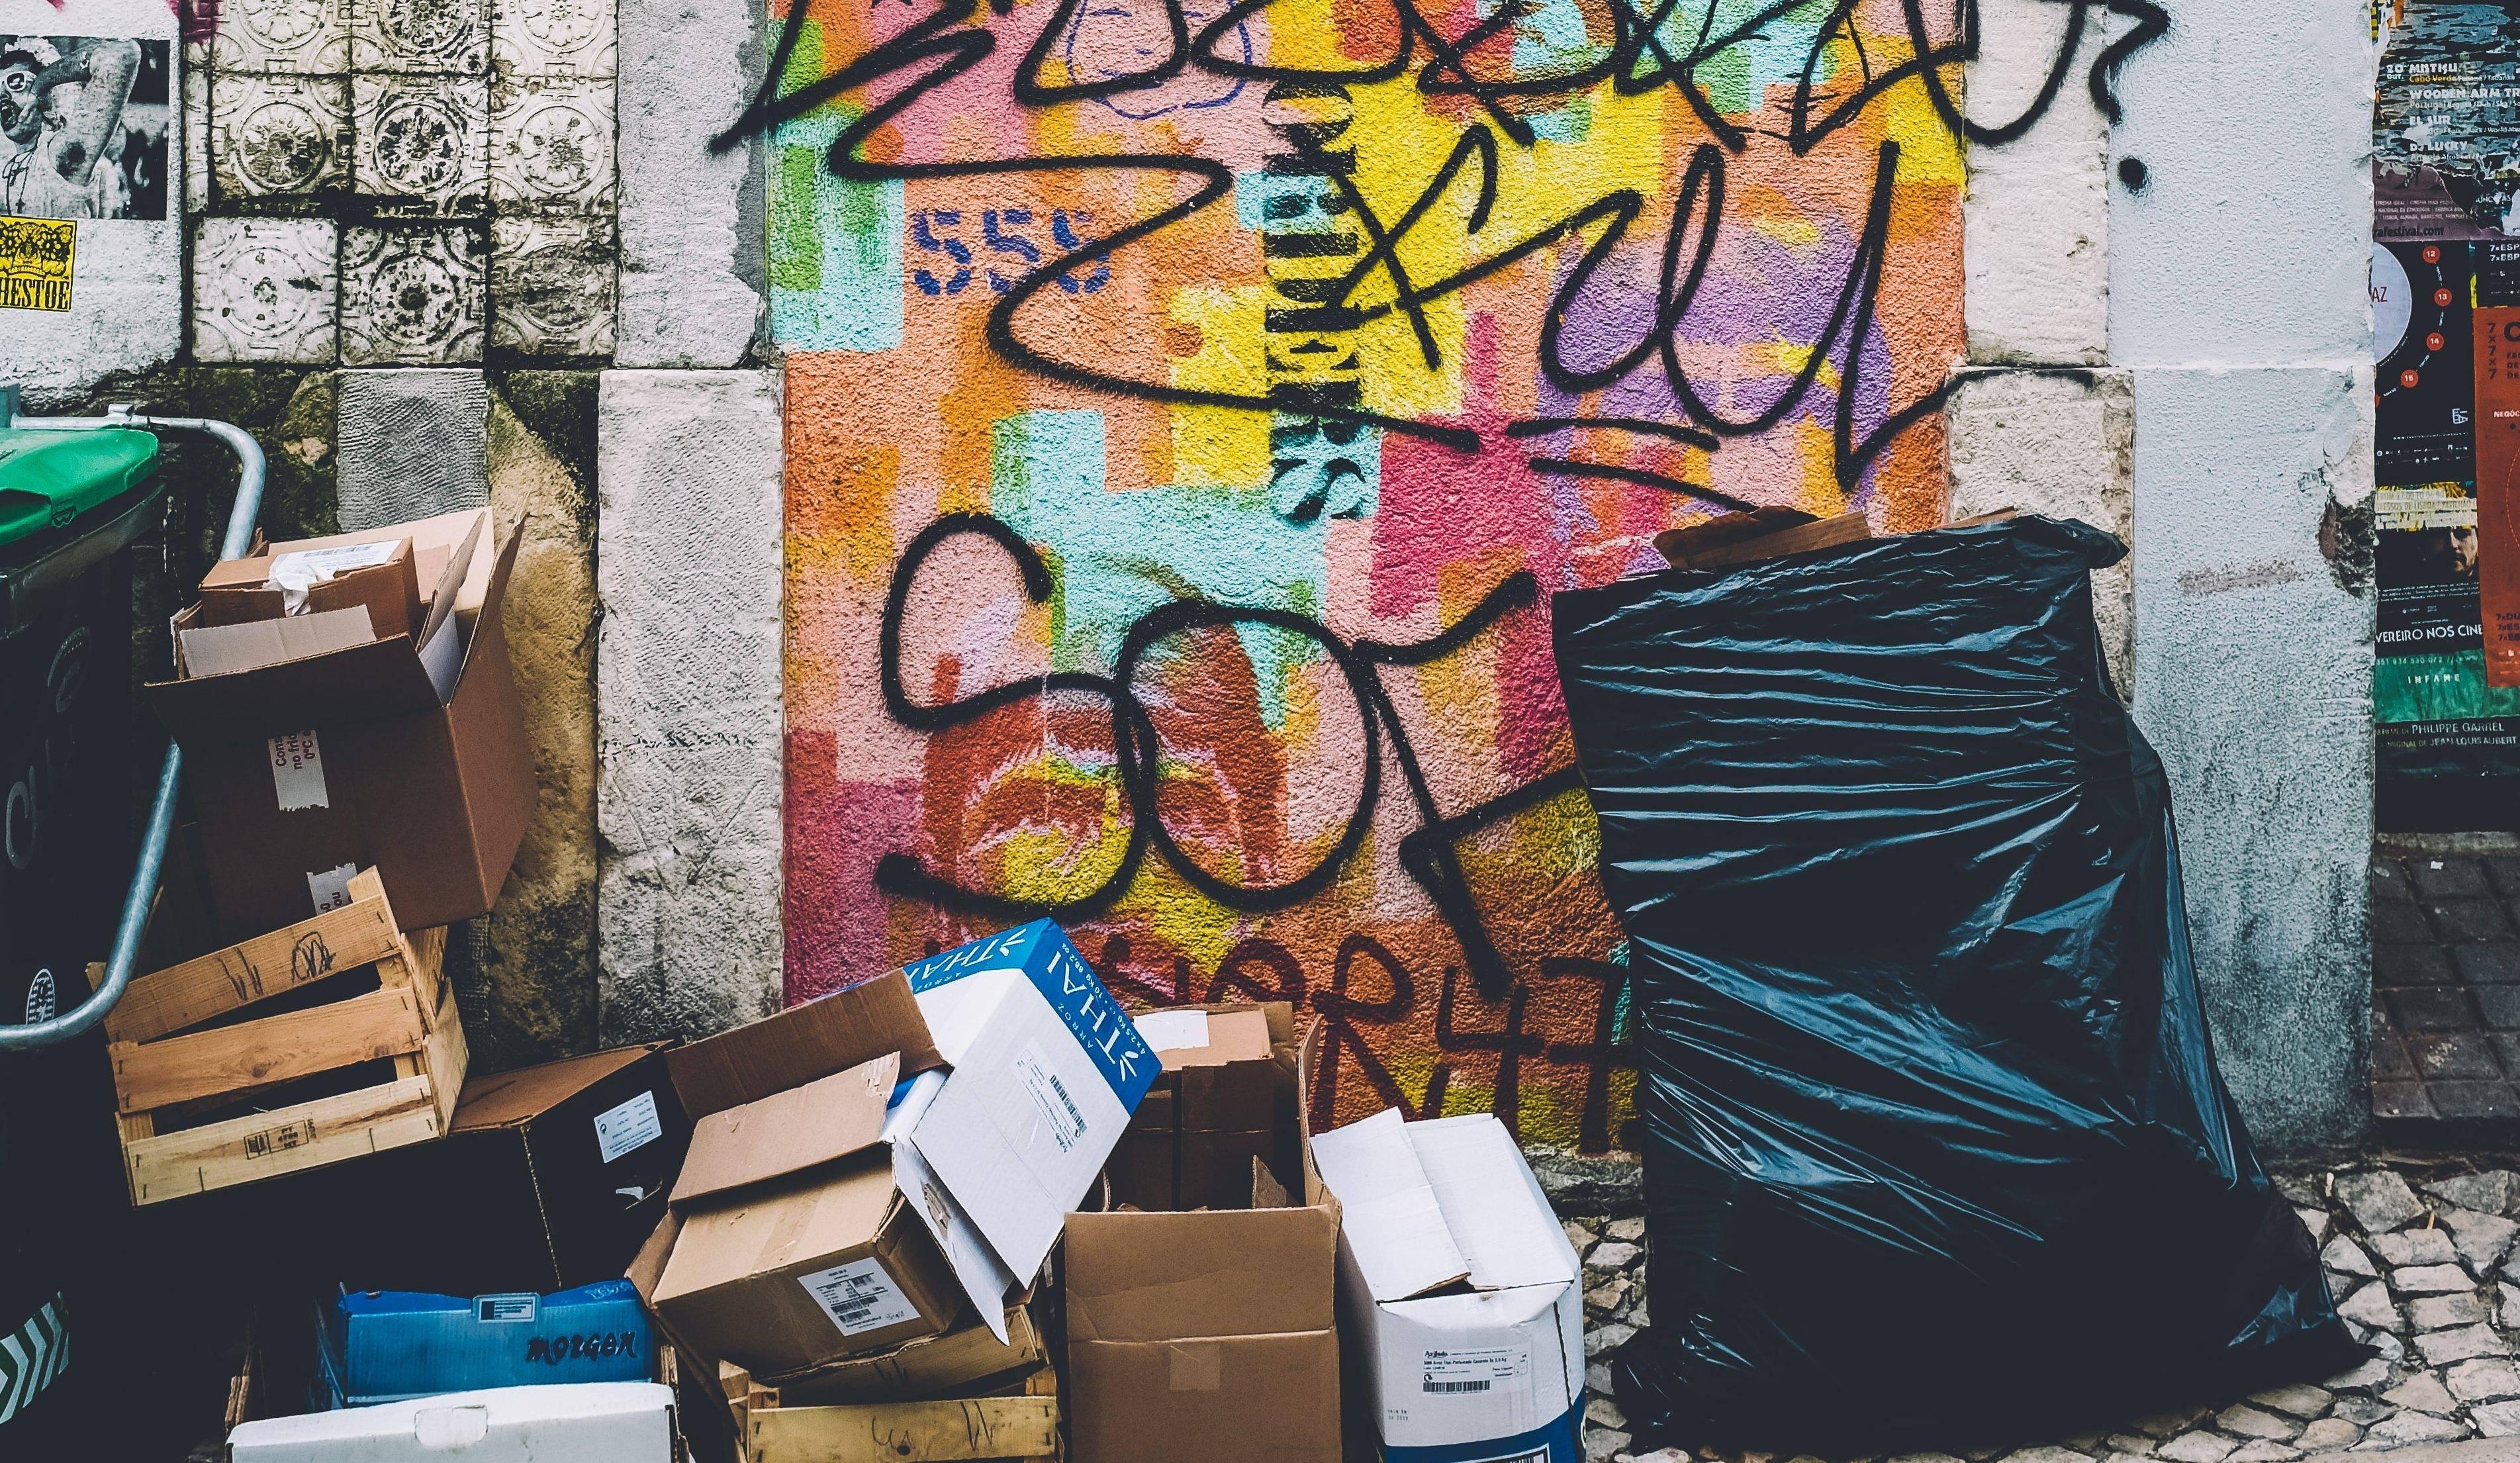 www.juicysantos.com.br - encontro lixo zero em santos sp